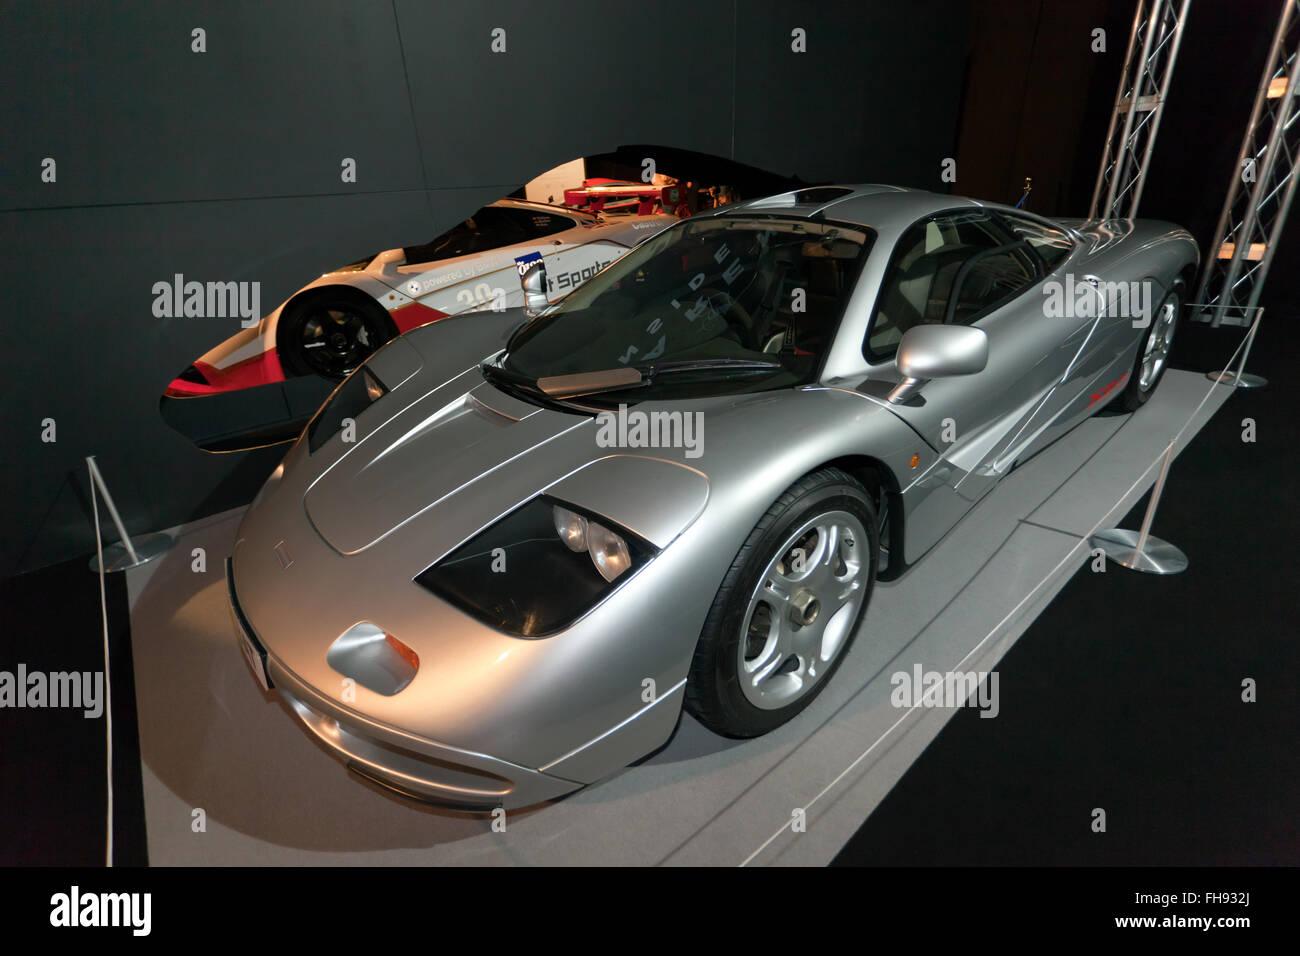 dreiviertelansicht des xp3 prototyp mclaren f1 road autos auf dem